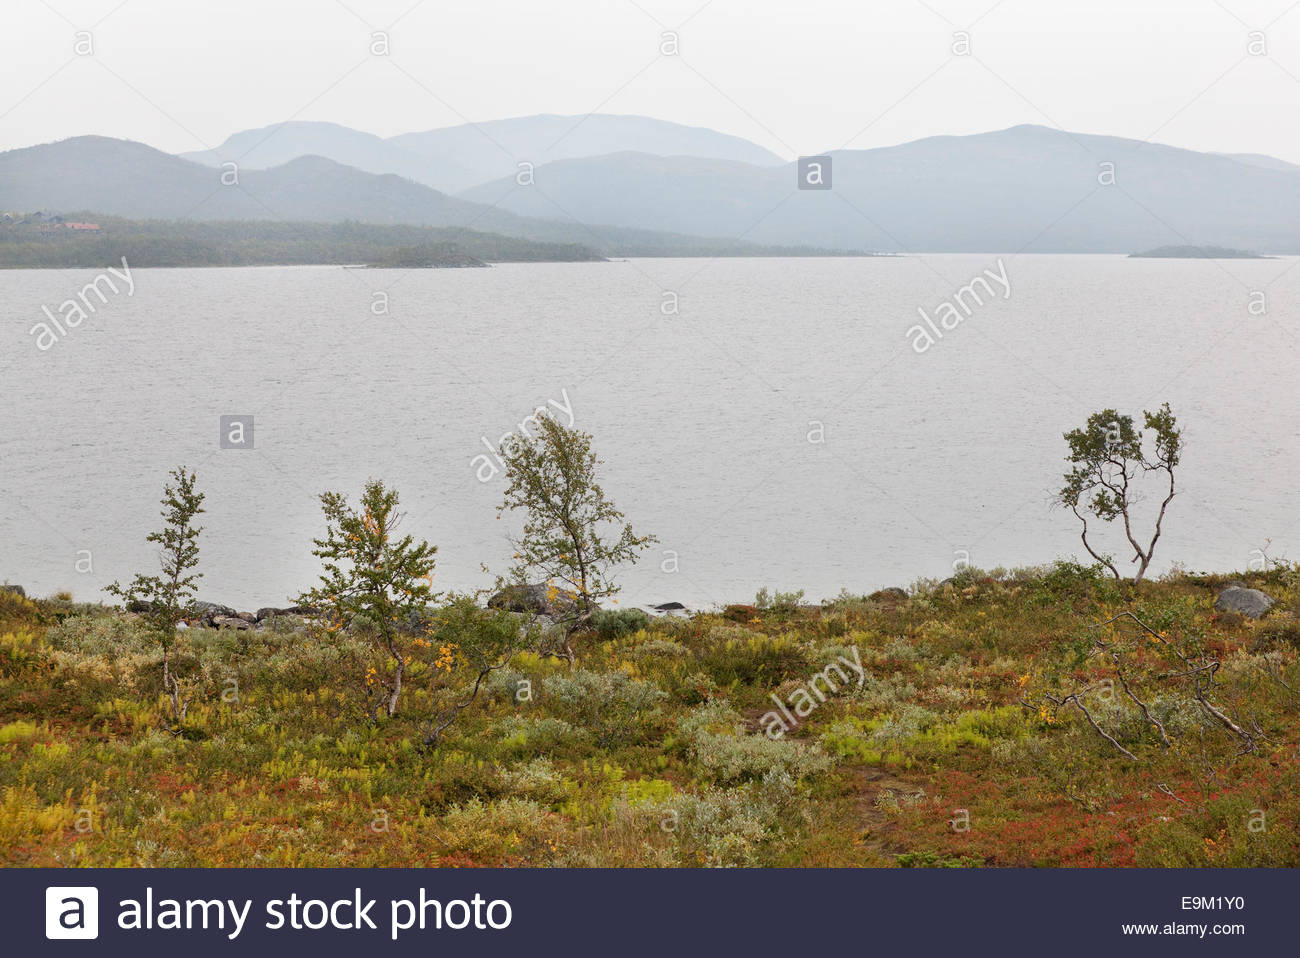 Lake Kilpisjärvi and fells in Sweden - Stock Image